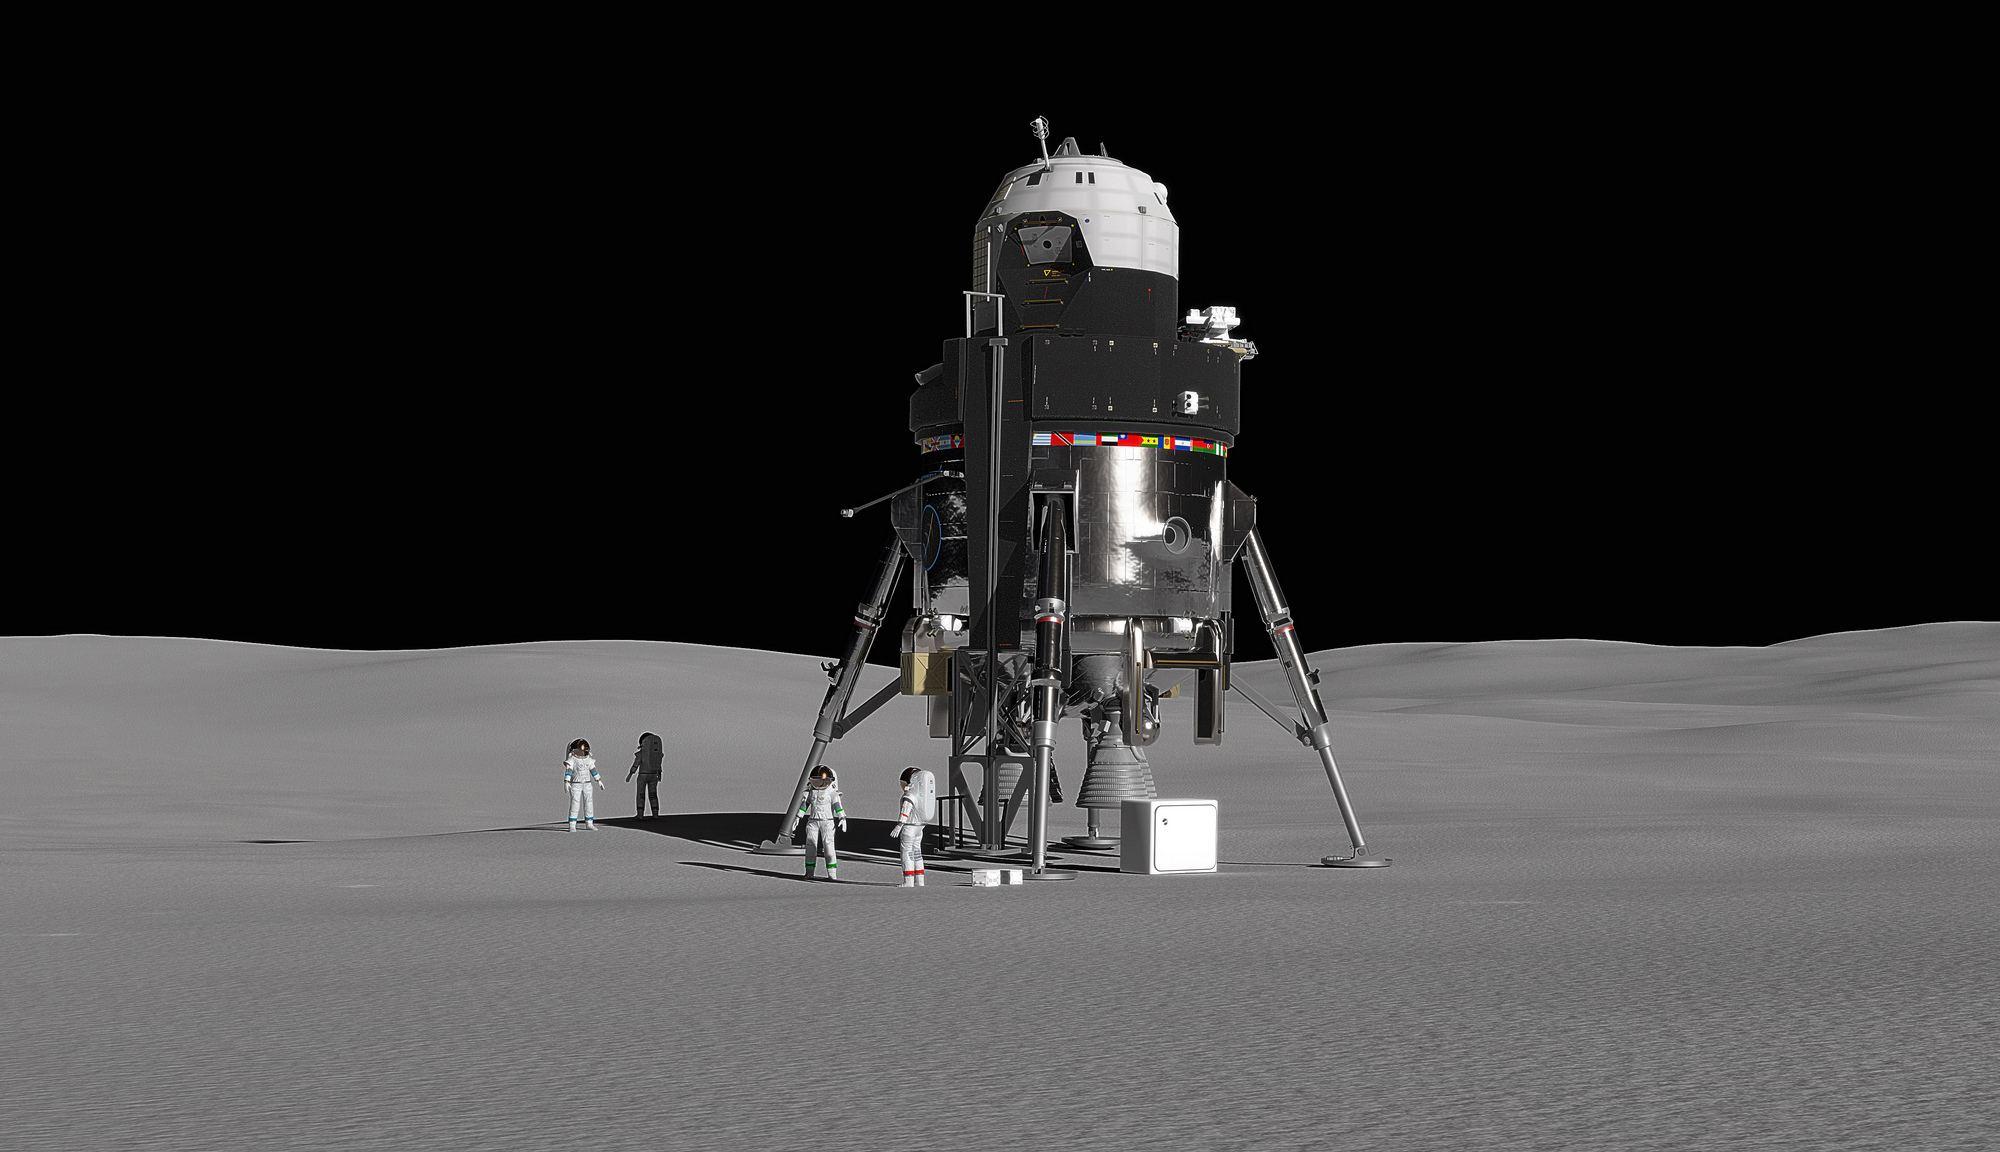 Lockheed Martin раскрывает подробности проекта посадочного лунного модуля - 1